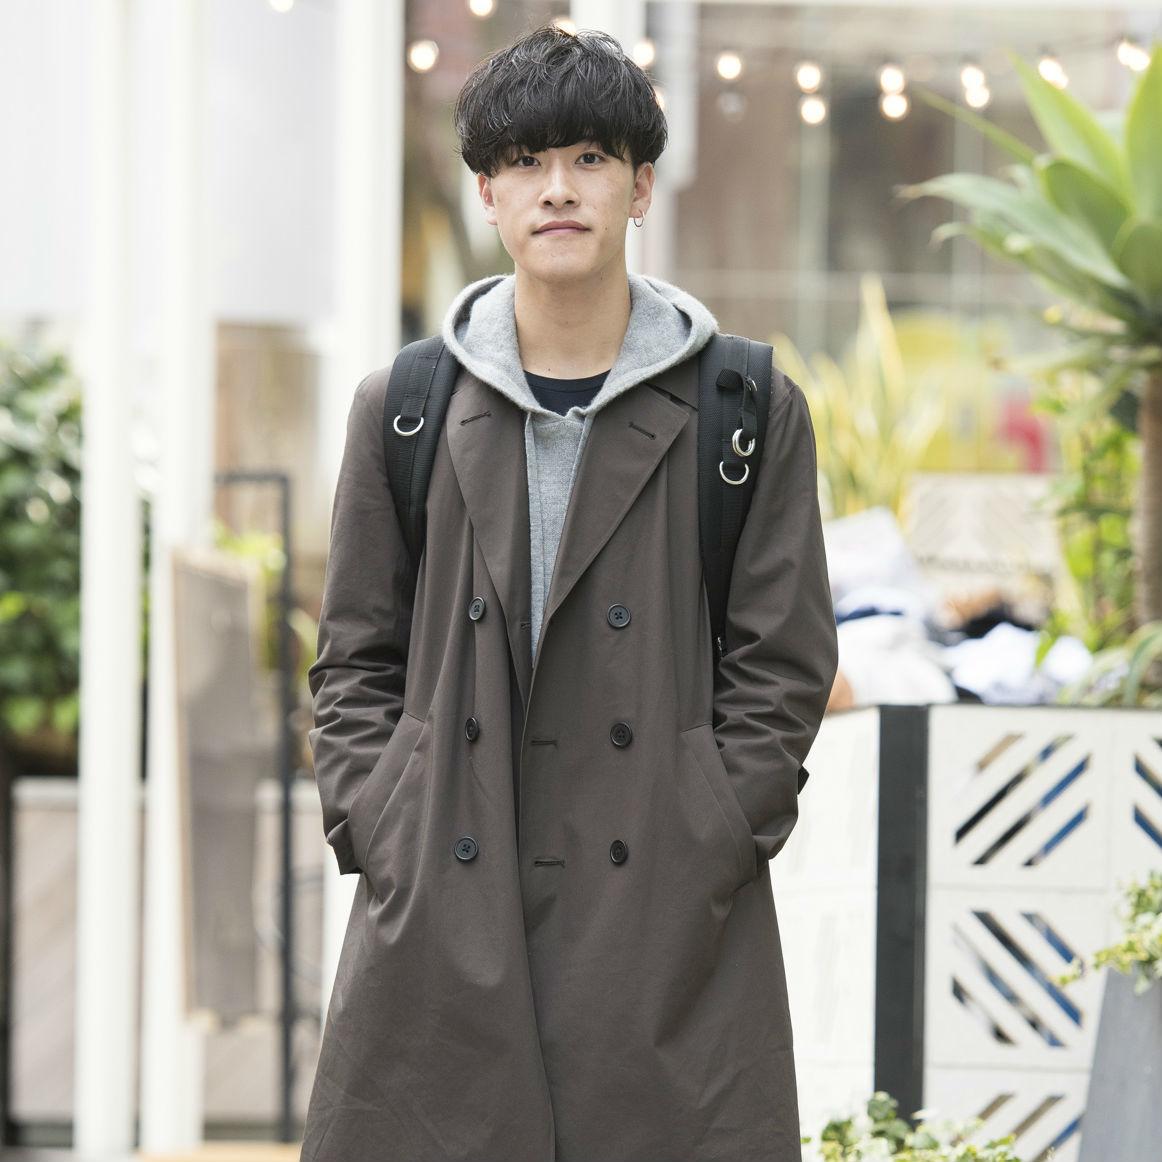 【SNAP JACK】〈ユニクロU〉のコートが今マイブームなのよ 梶原大聖くん・大学生